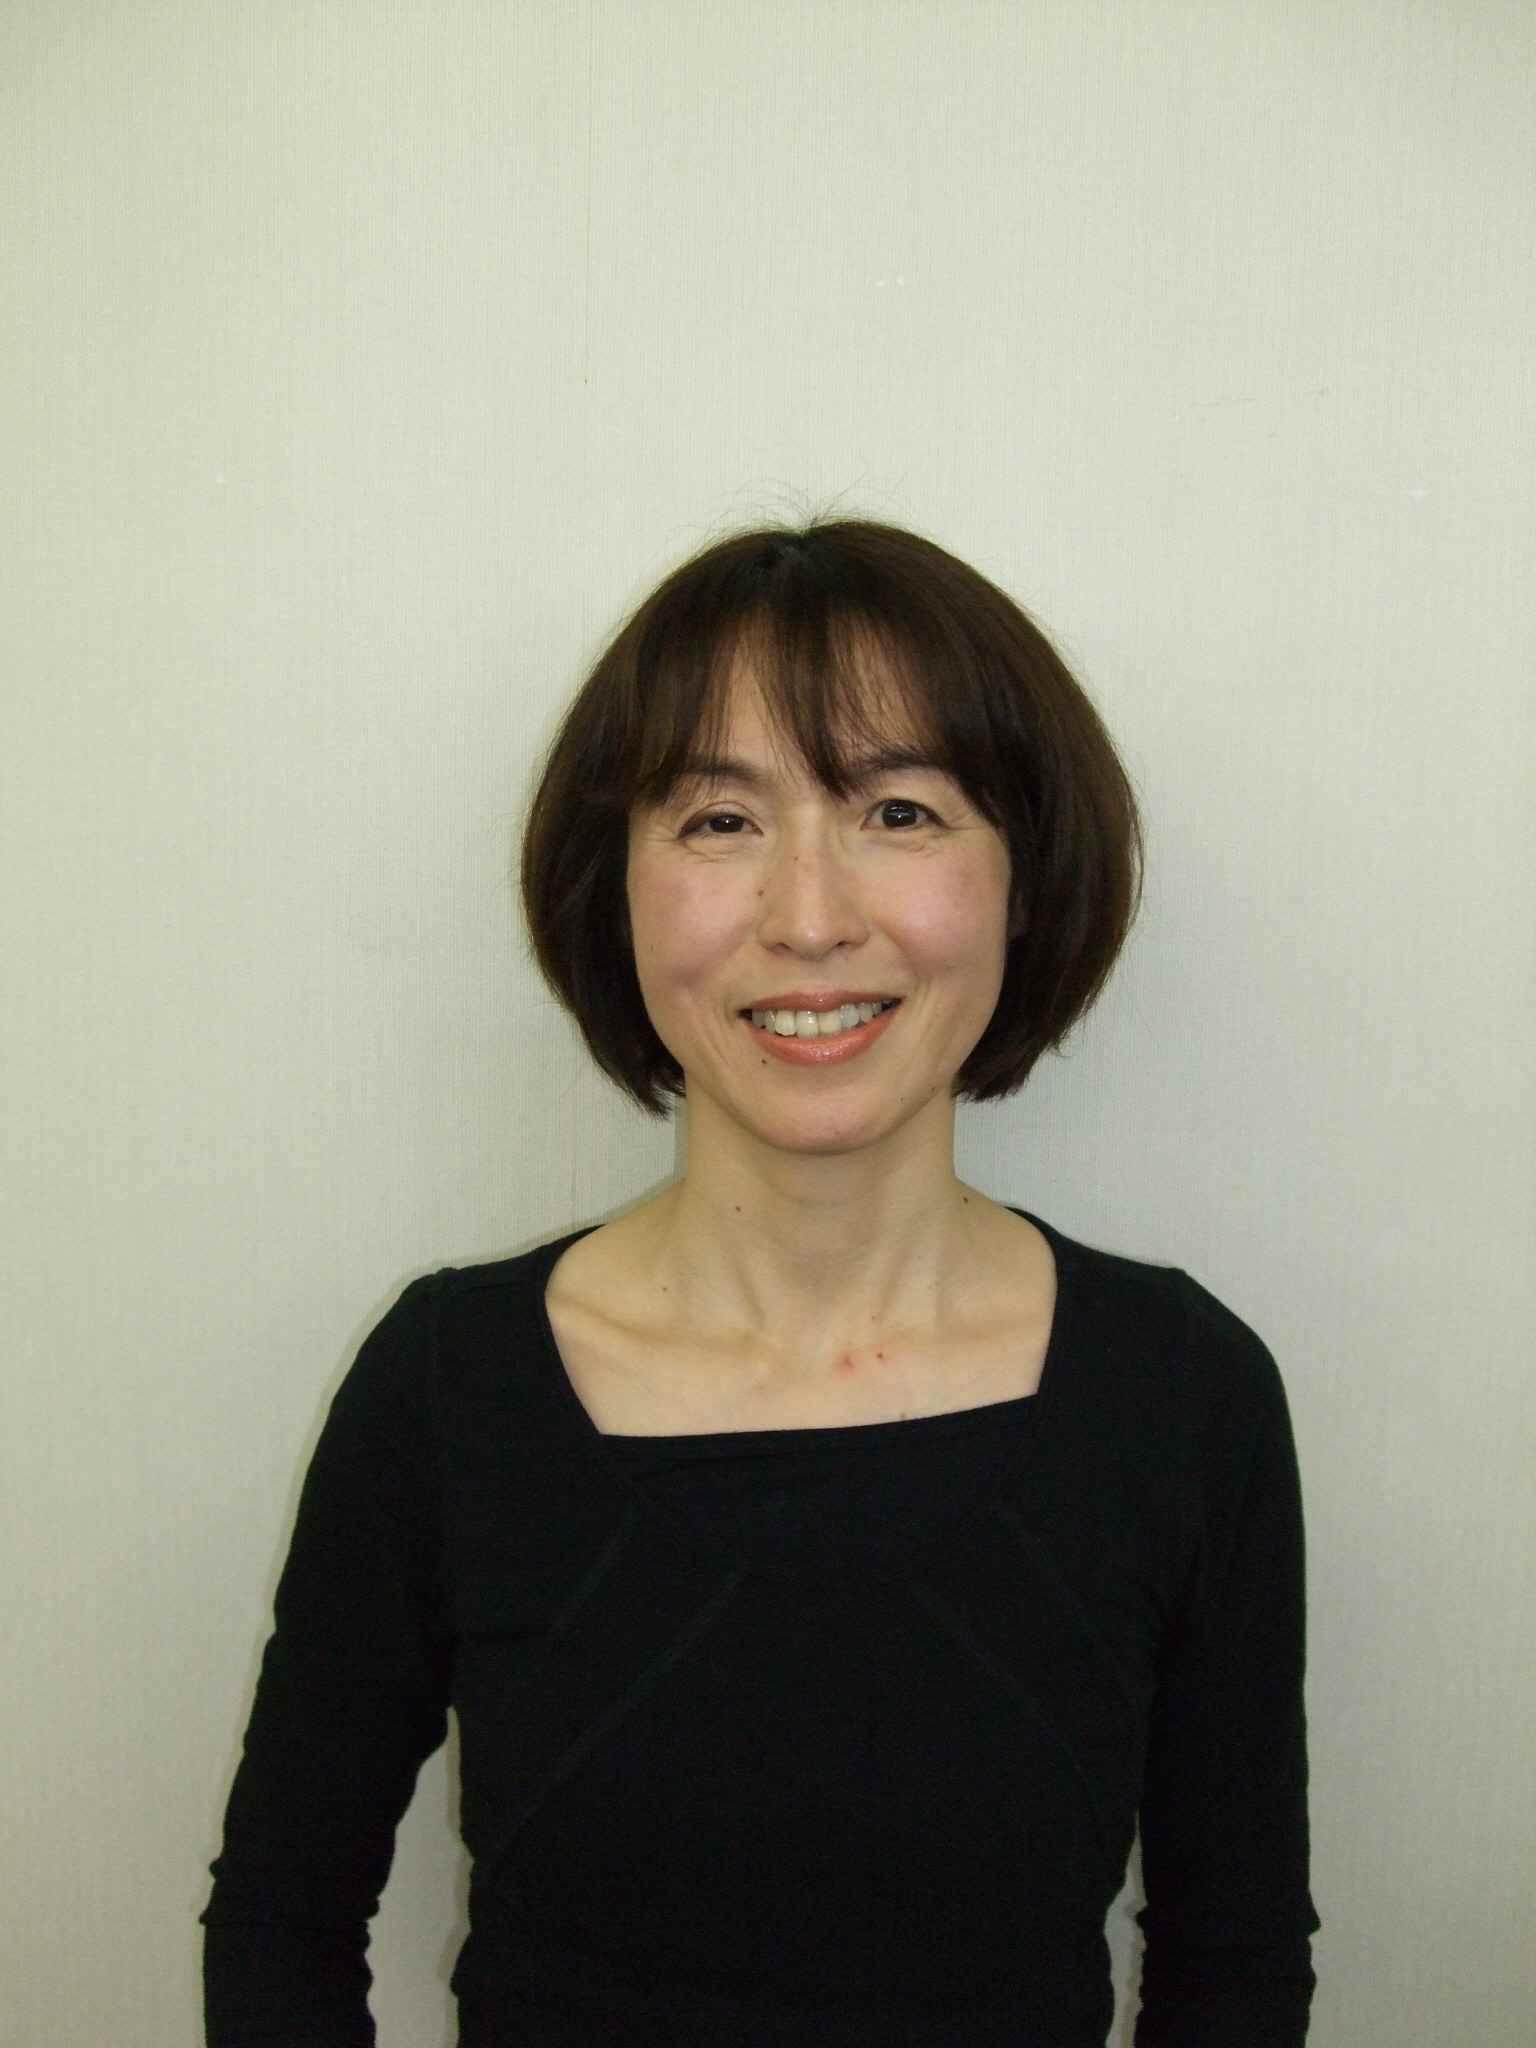 高橋ヨガ研究所 本部上新庄教室 - 山本真紀(ヤマモトマキ)さんの写真